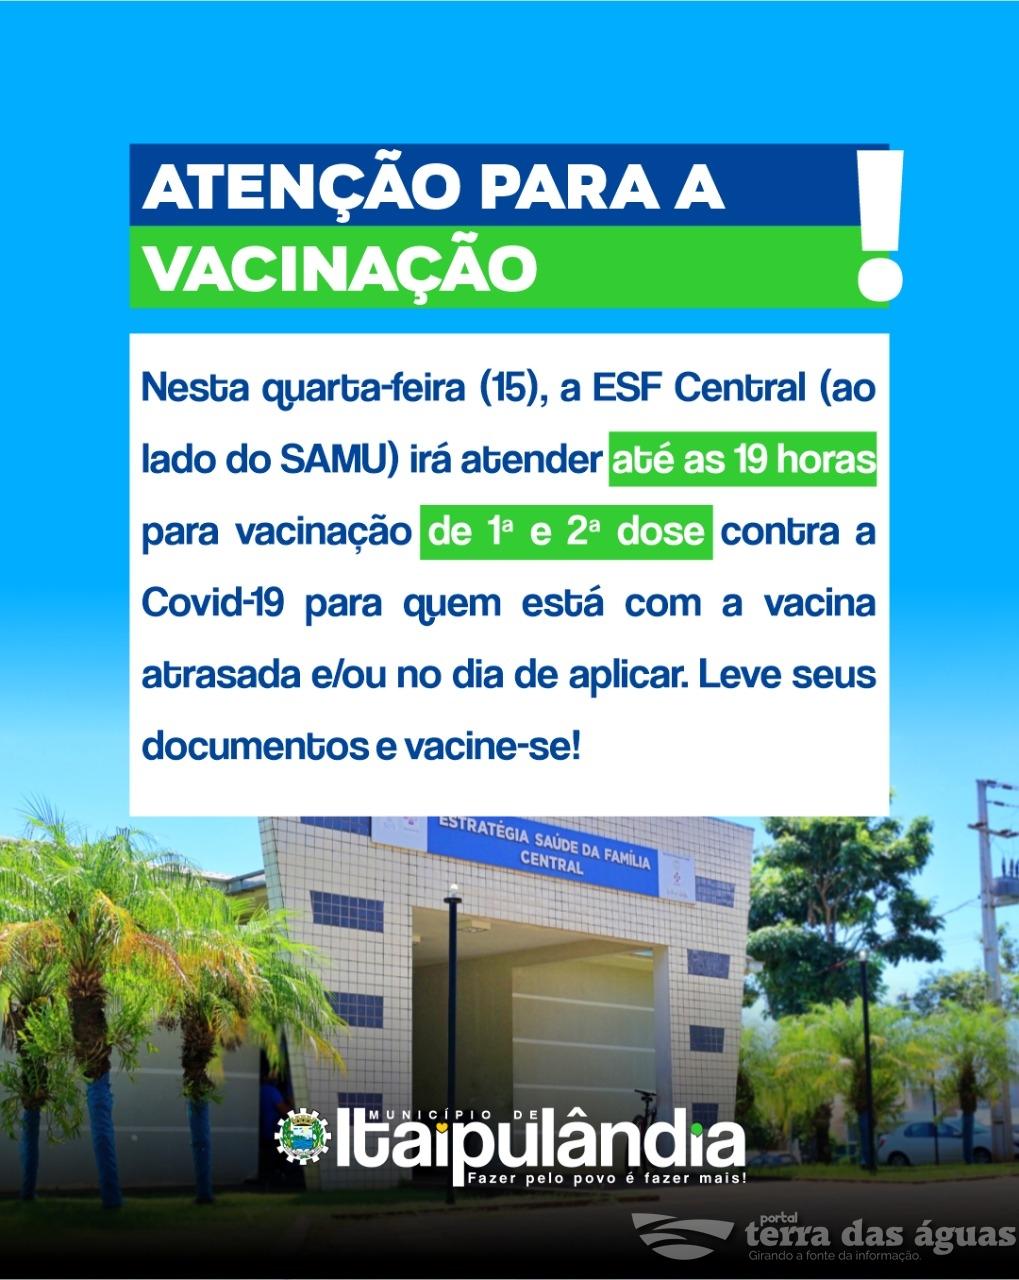 Vacinação contra Covid-19 em Itaipulândia